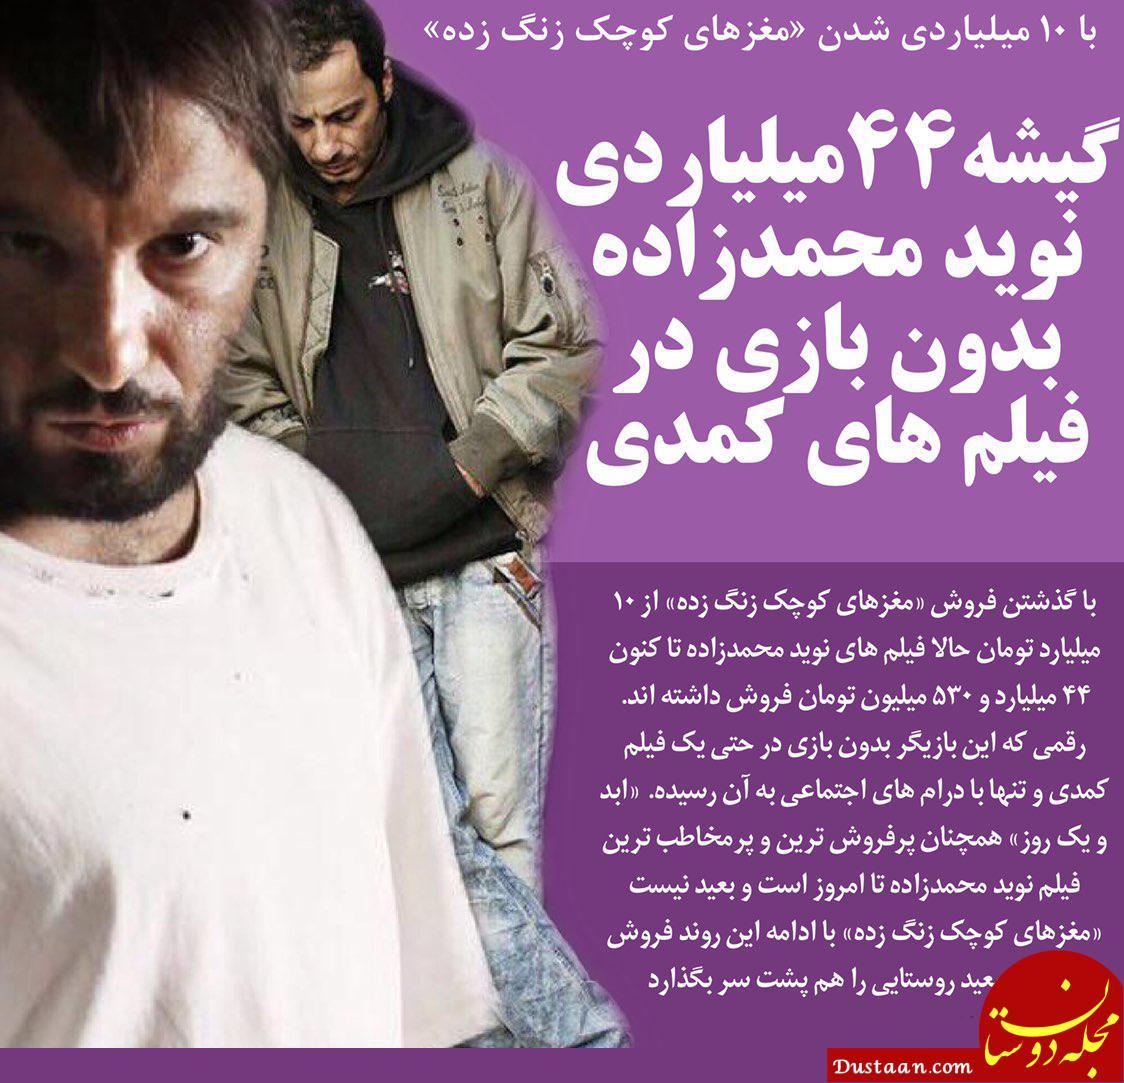 www.dustaan.com گیشه 44 میلیاردی نوید محمدزاده بدون حضور در فیلم کمدی!